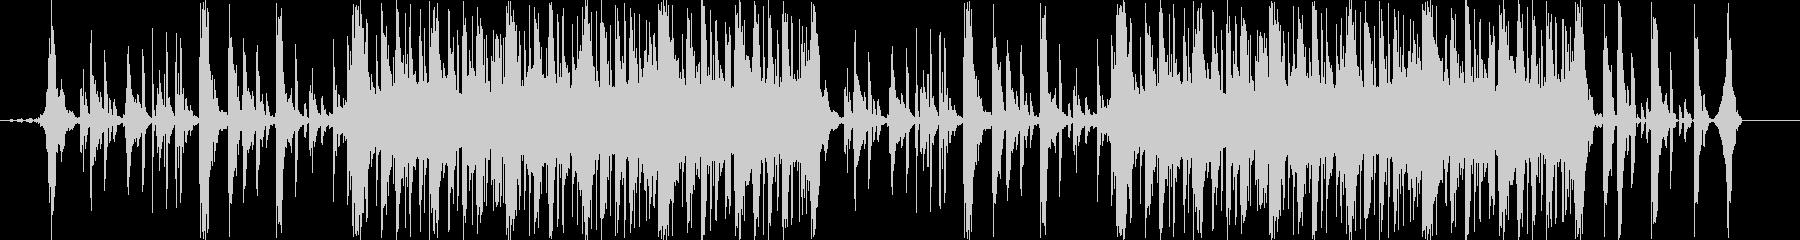 スピード感のあるドラムンベース曲の未再生の波形